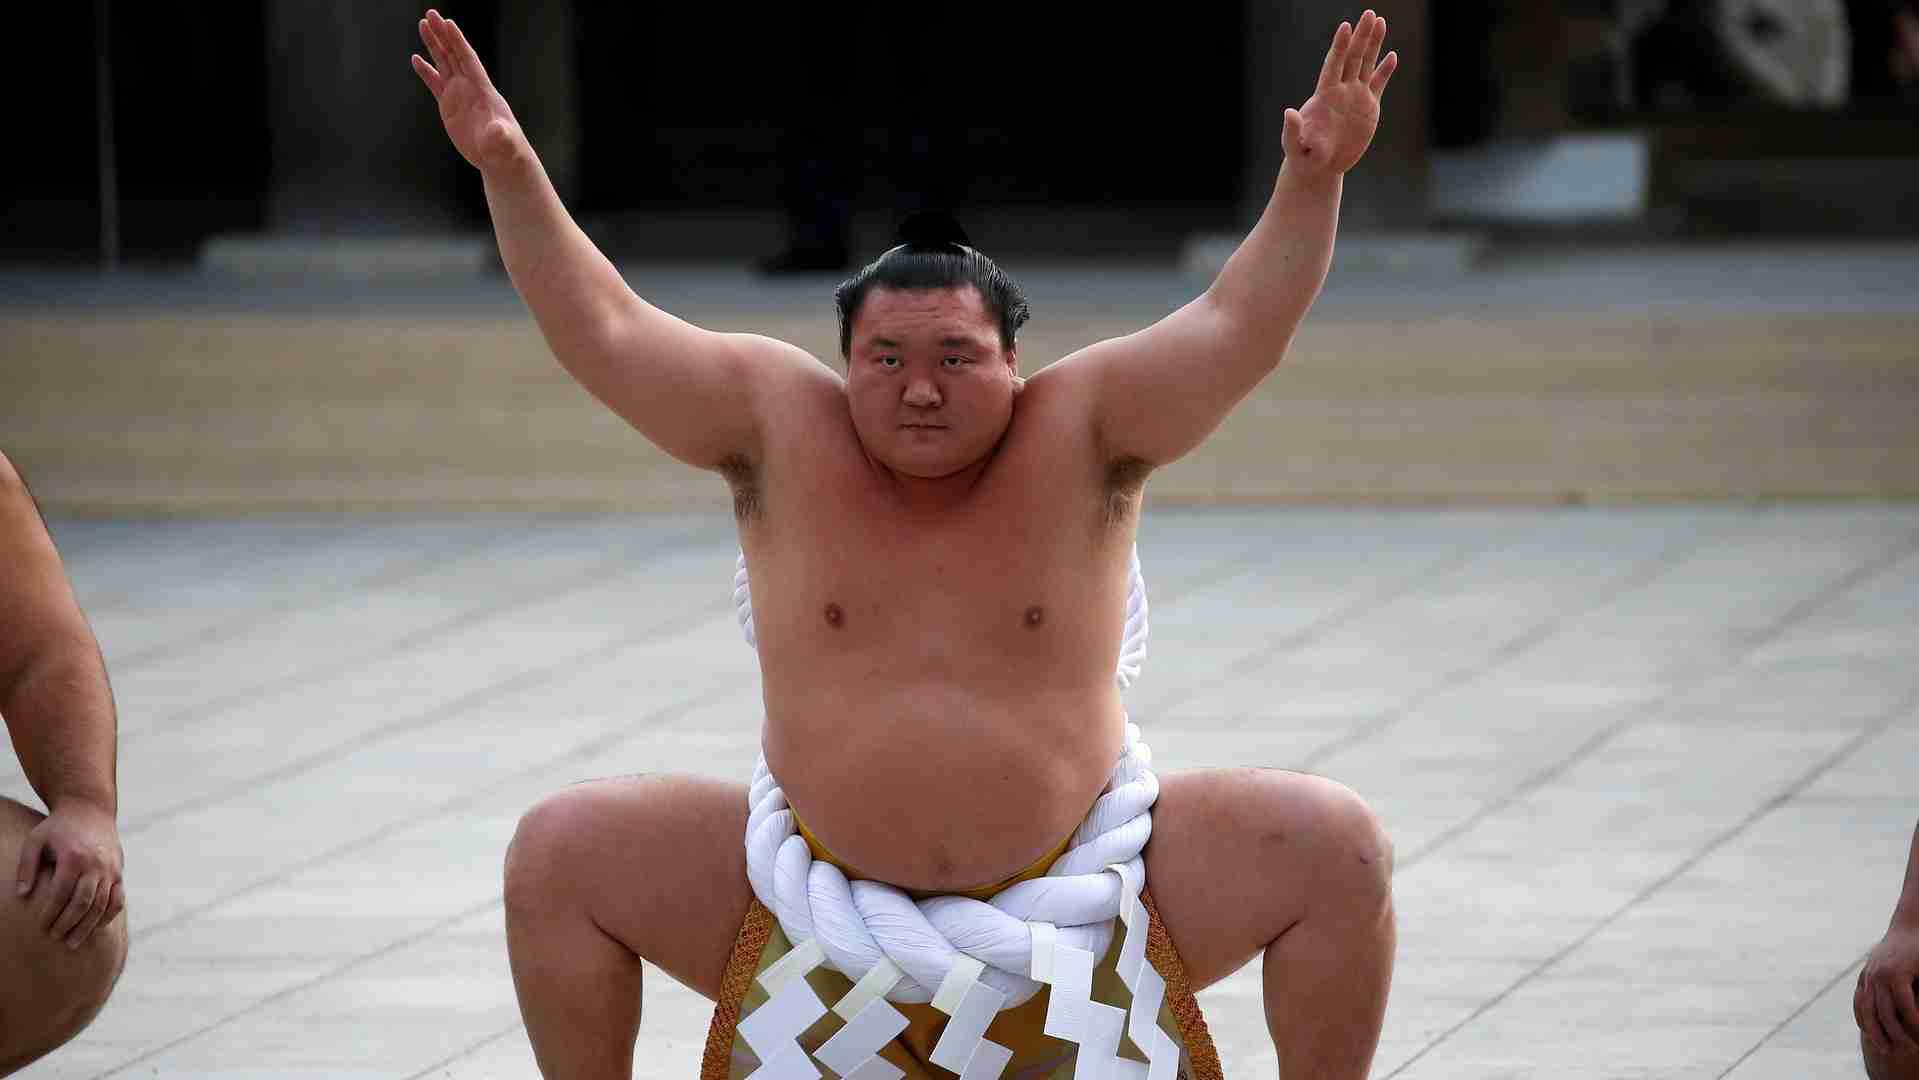 相撲の「注射システム」はどのように機能しているのか?(山田順) - 個人 - Yahoo!ニュース